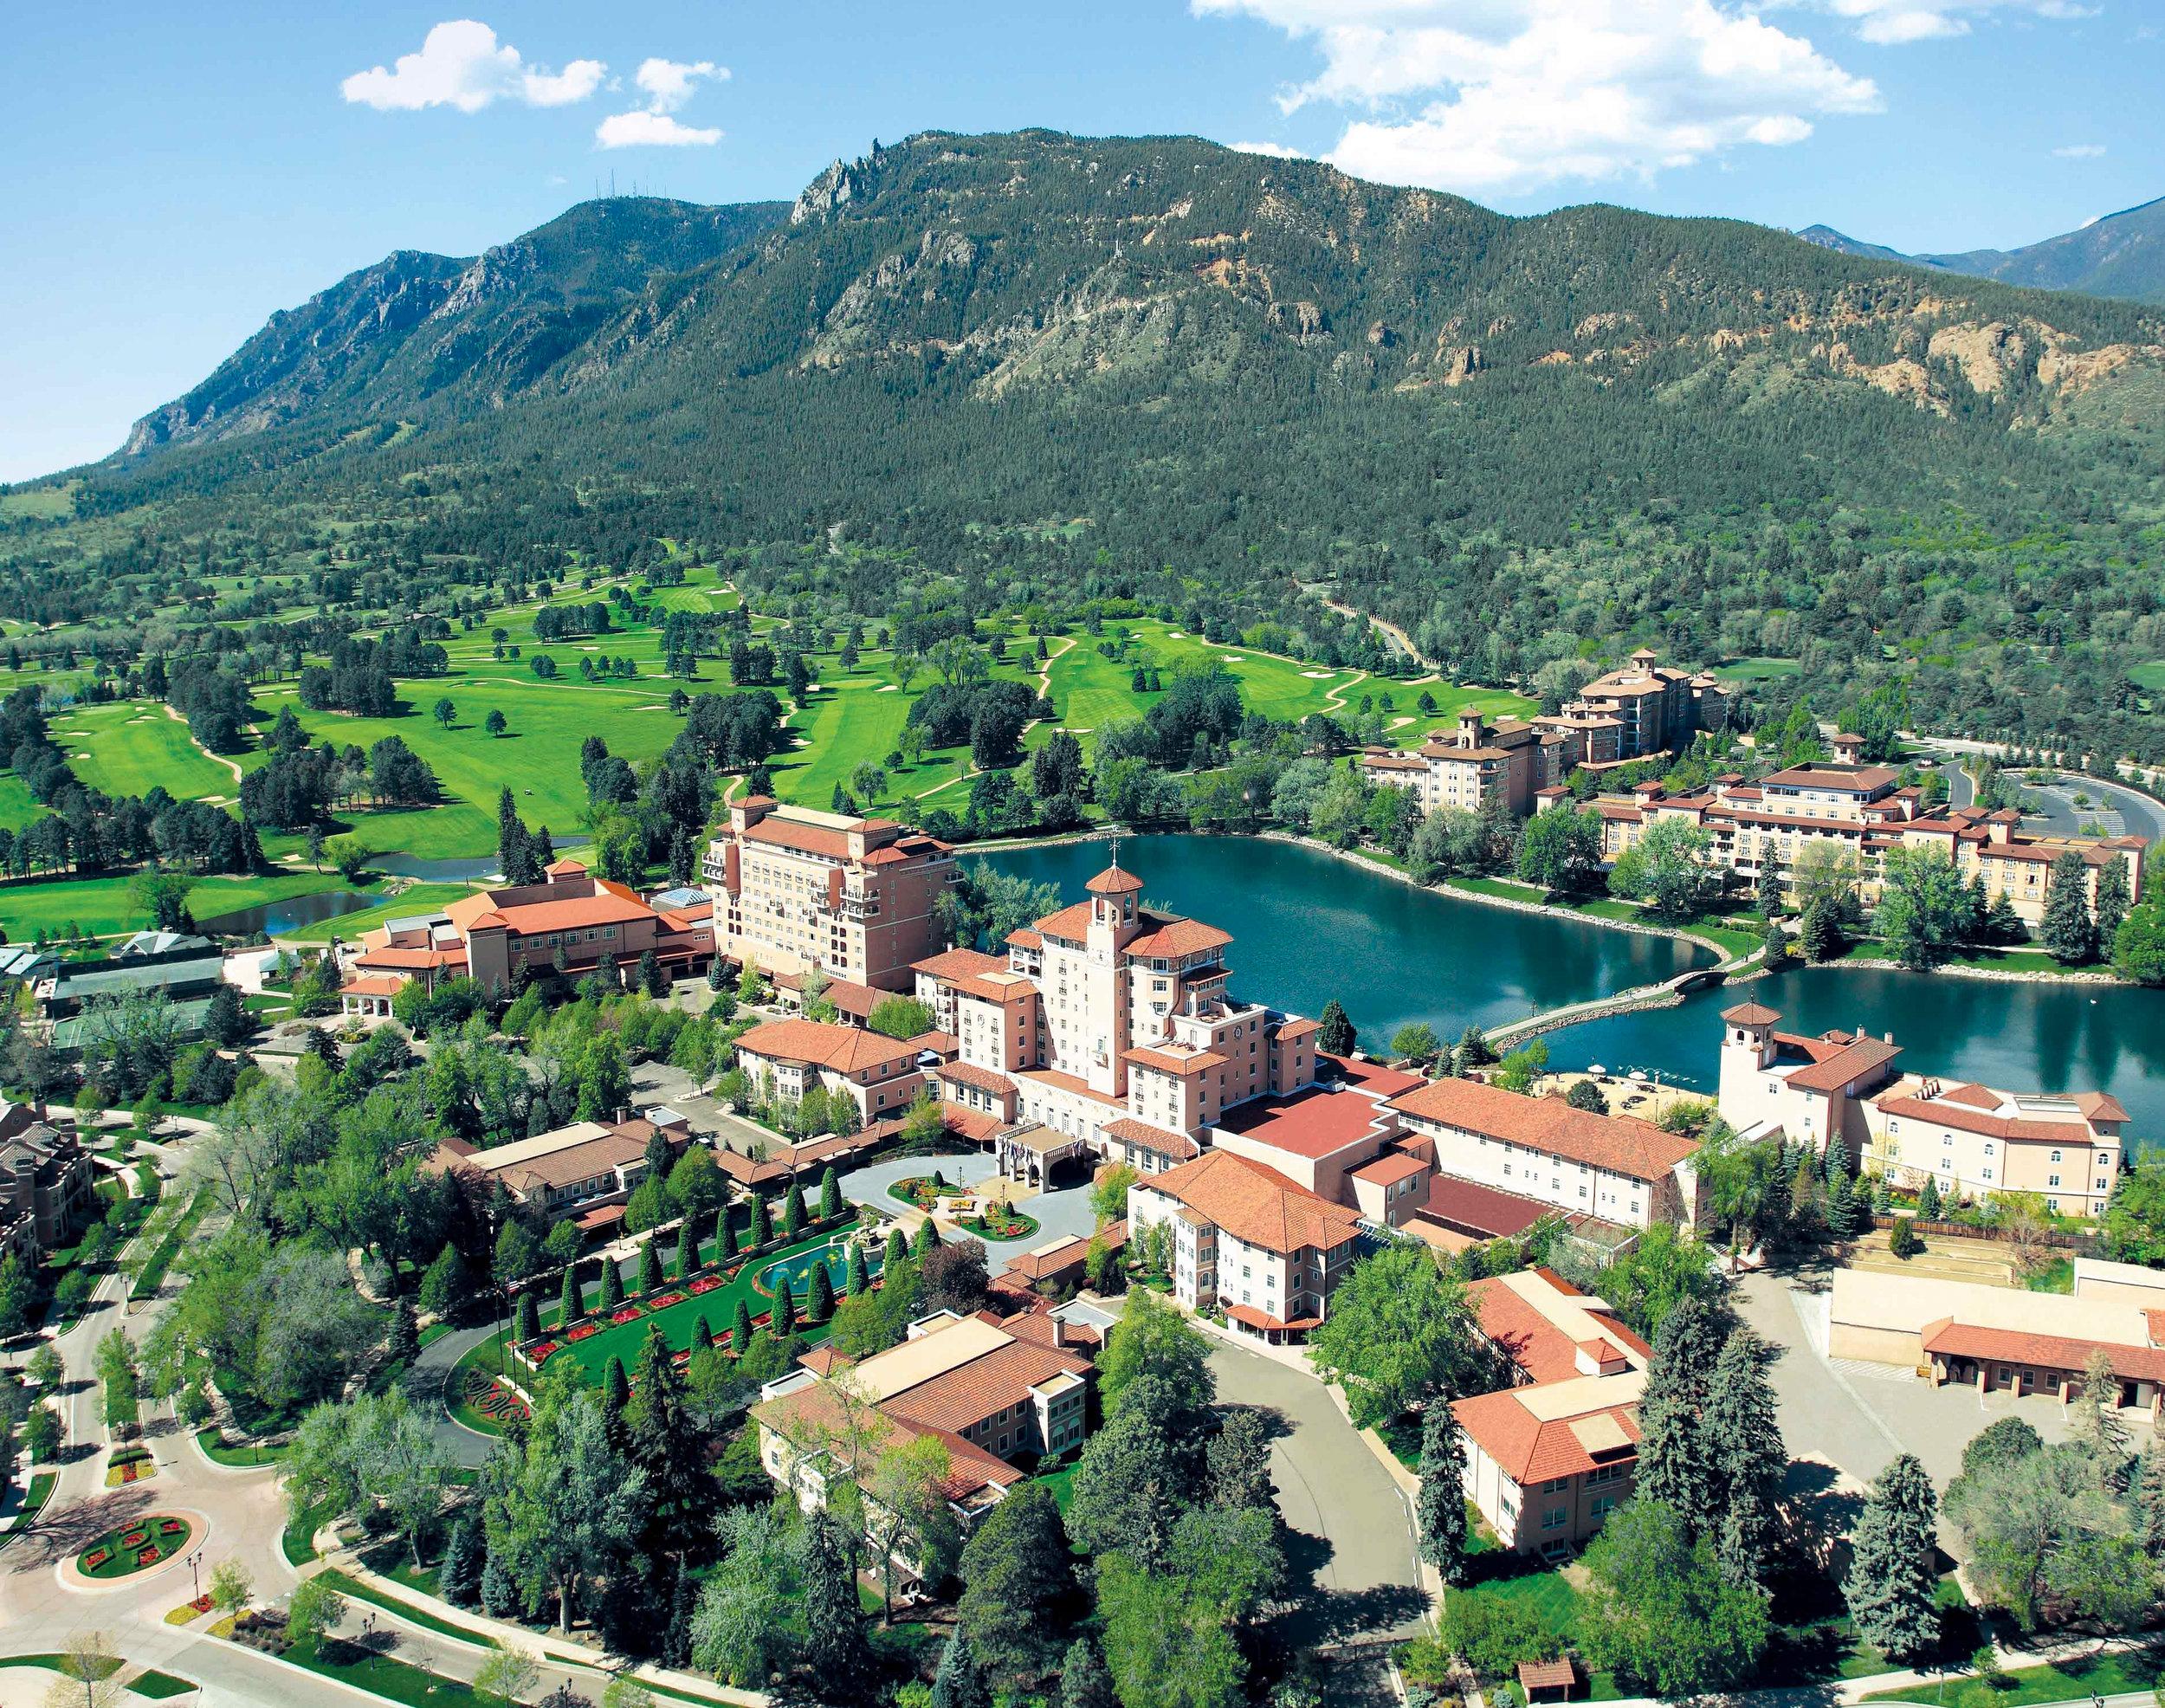 Skyview of Broadmoor